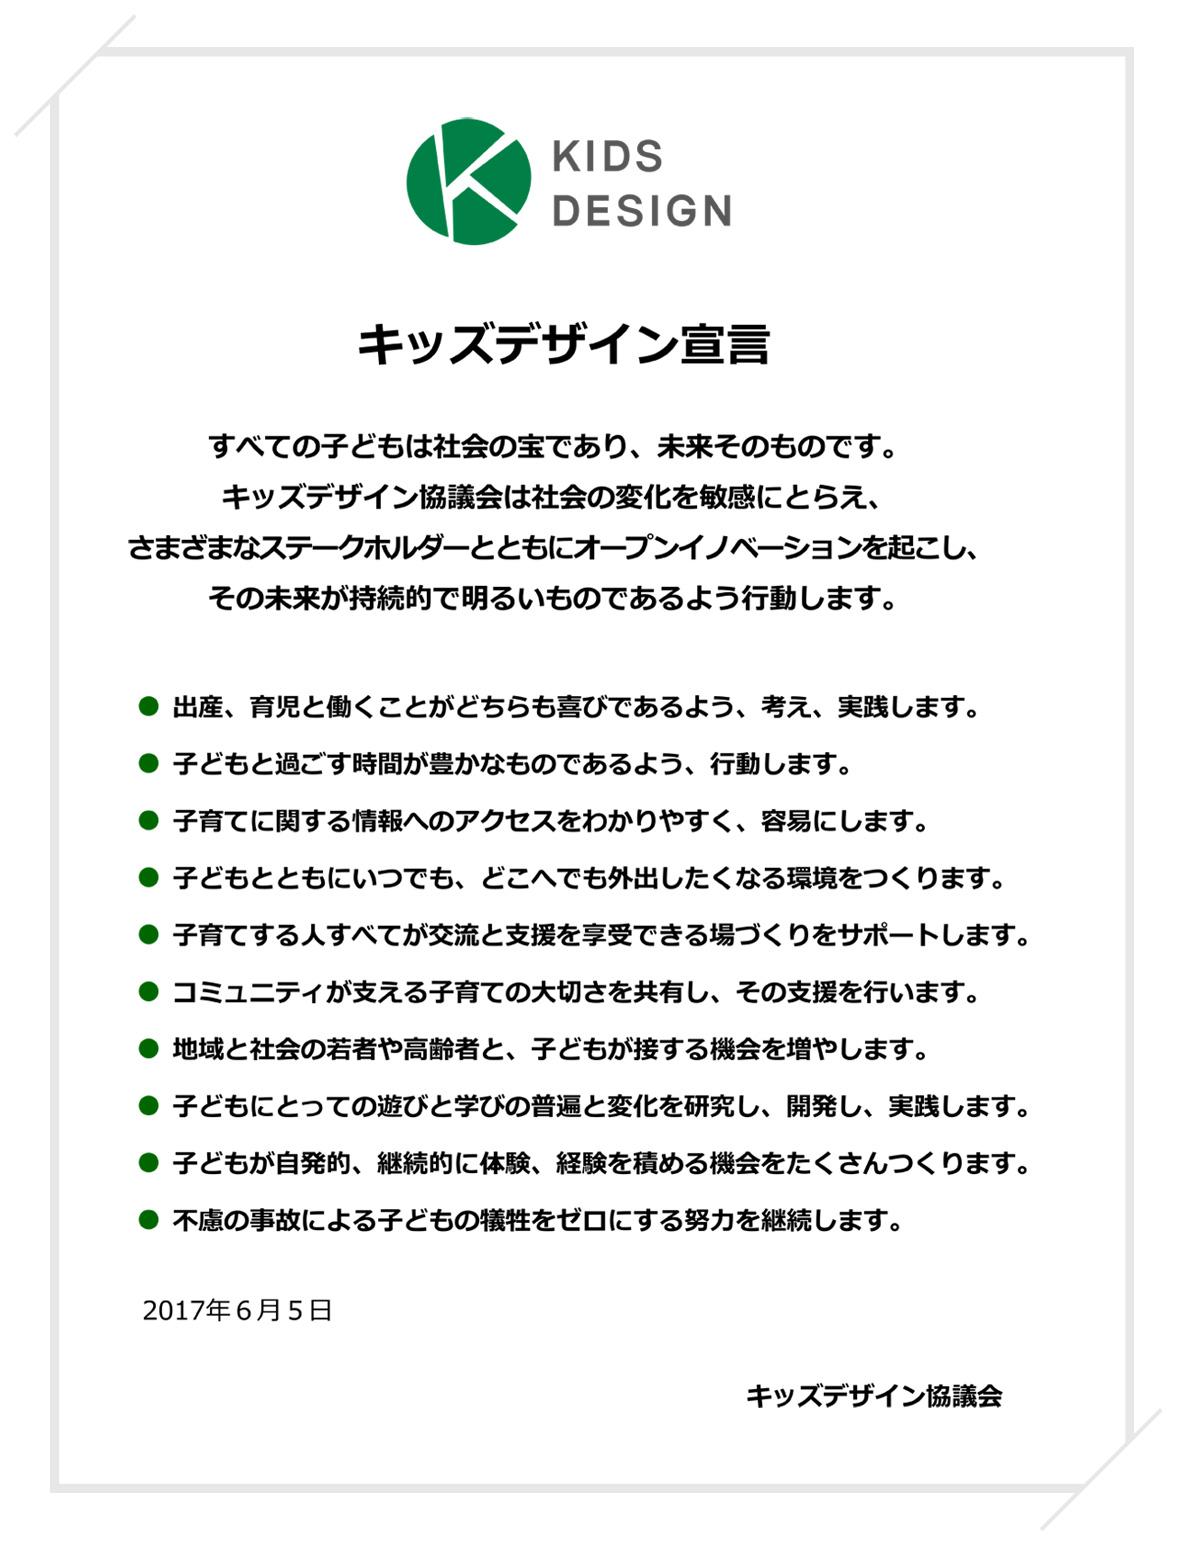 キッズデザイン宣言